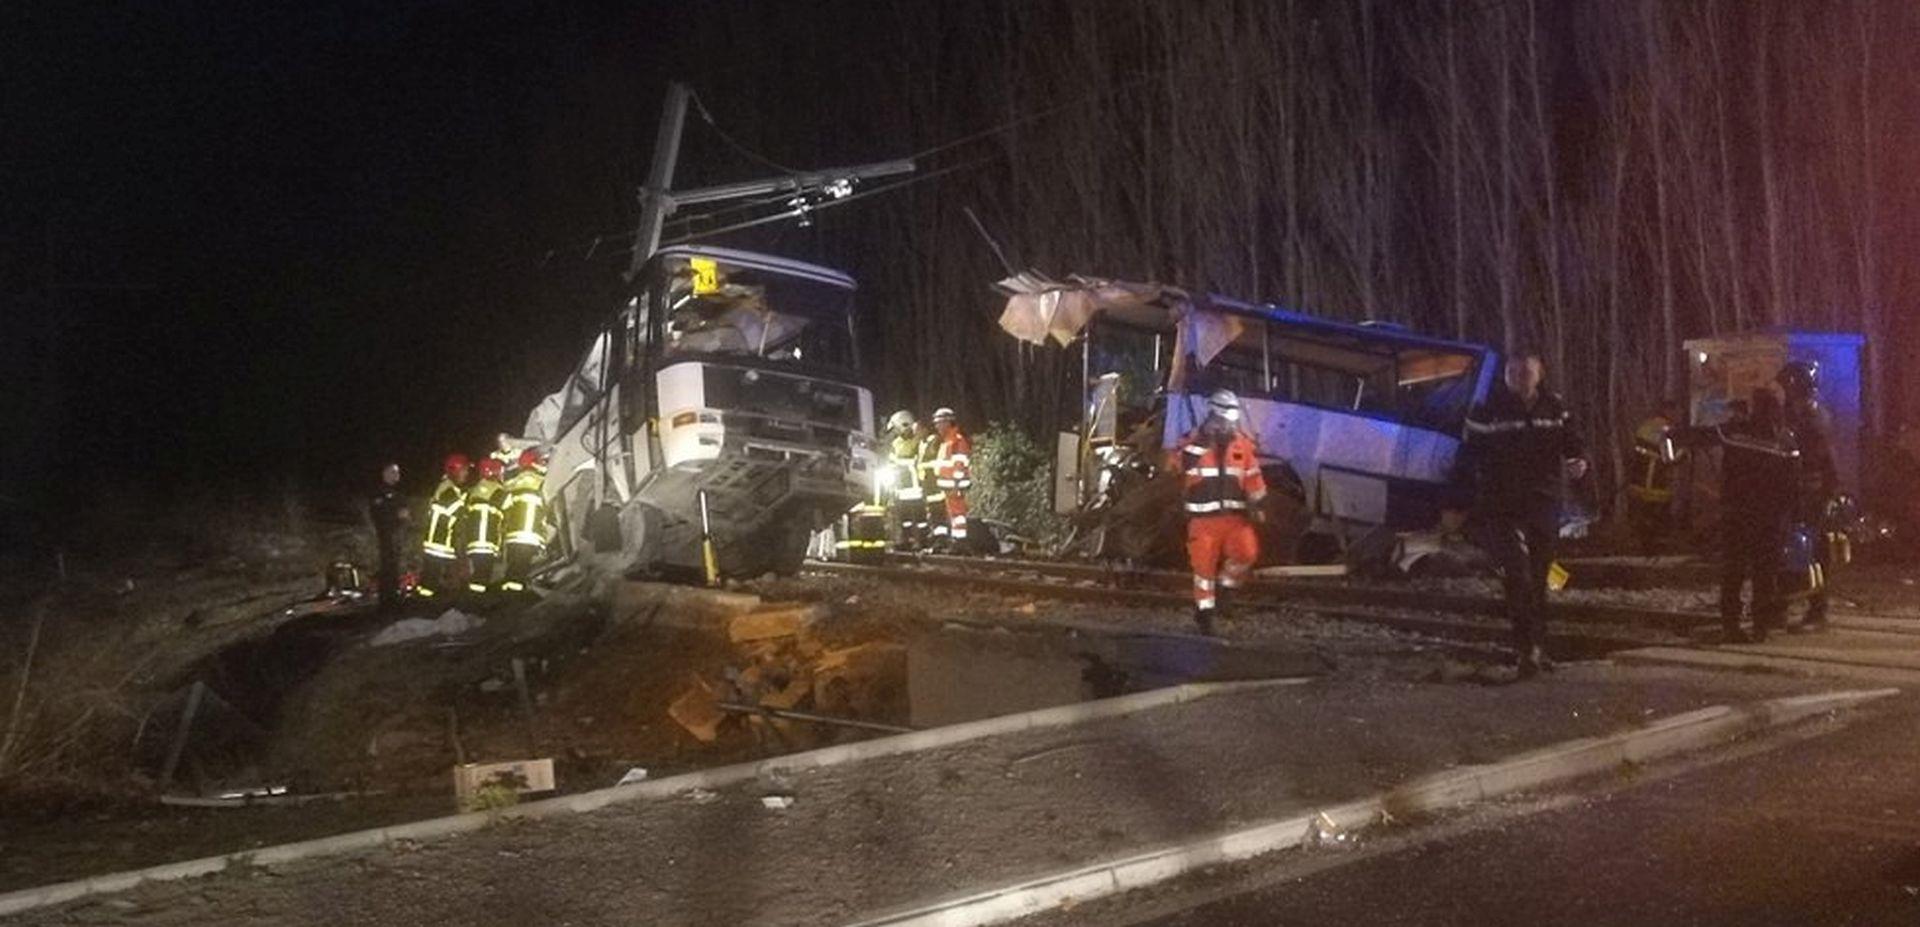 NOVI DETALJI U teškoj nesreći u Francuskoj poginula 4 učenika, još 20 ozlijeđenih